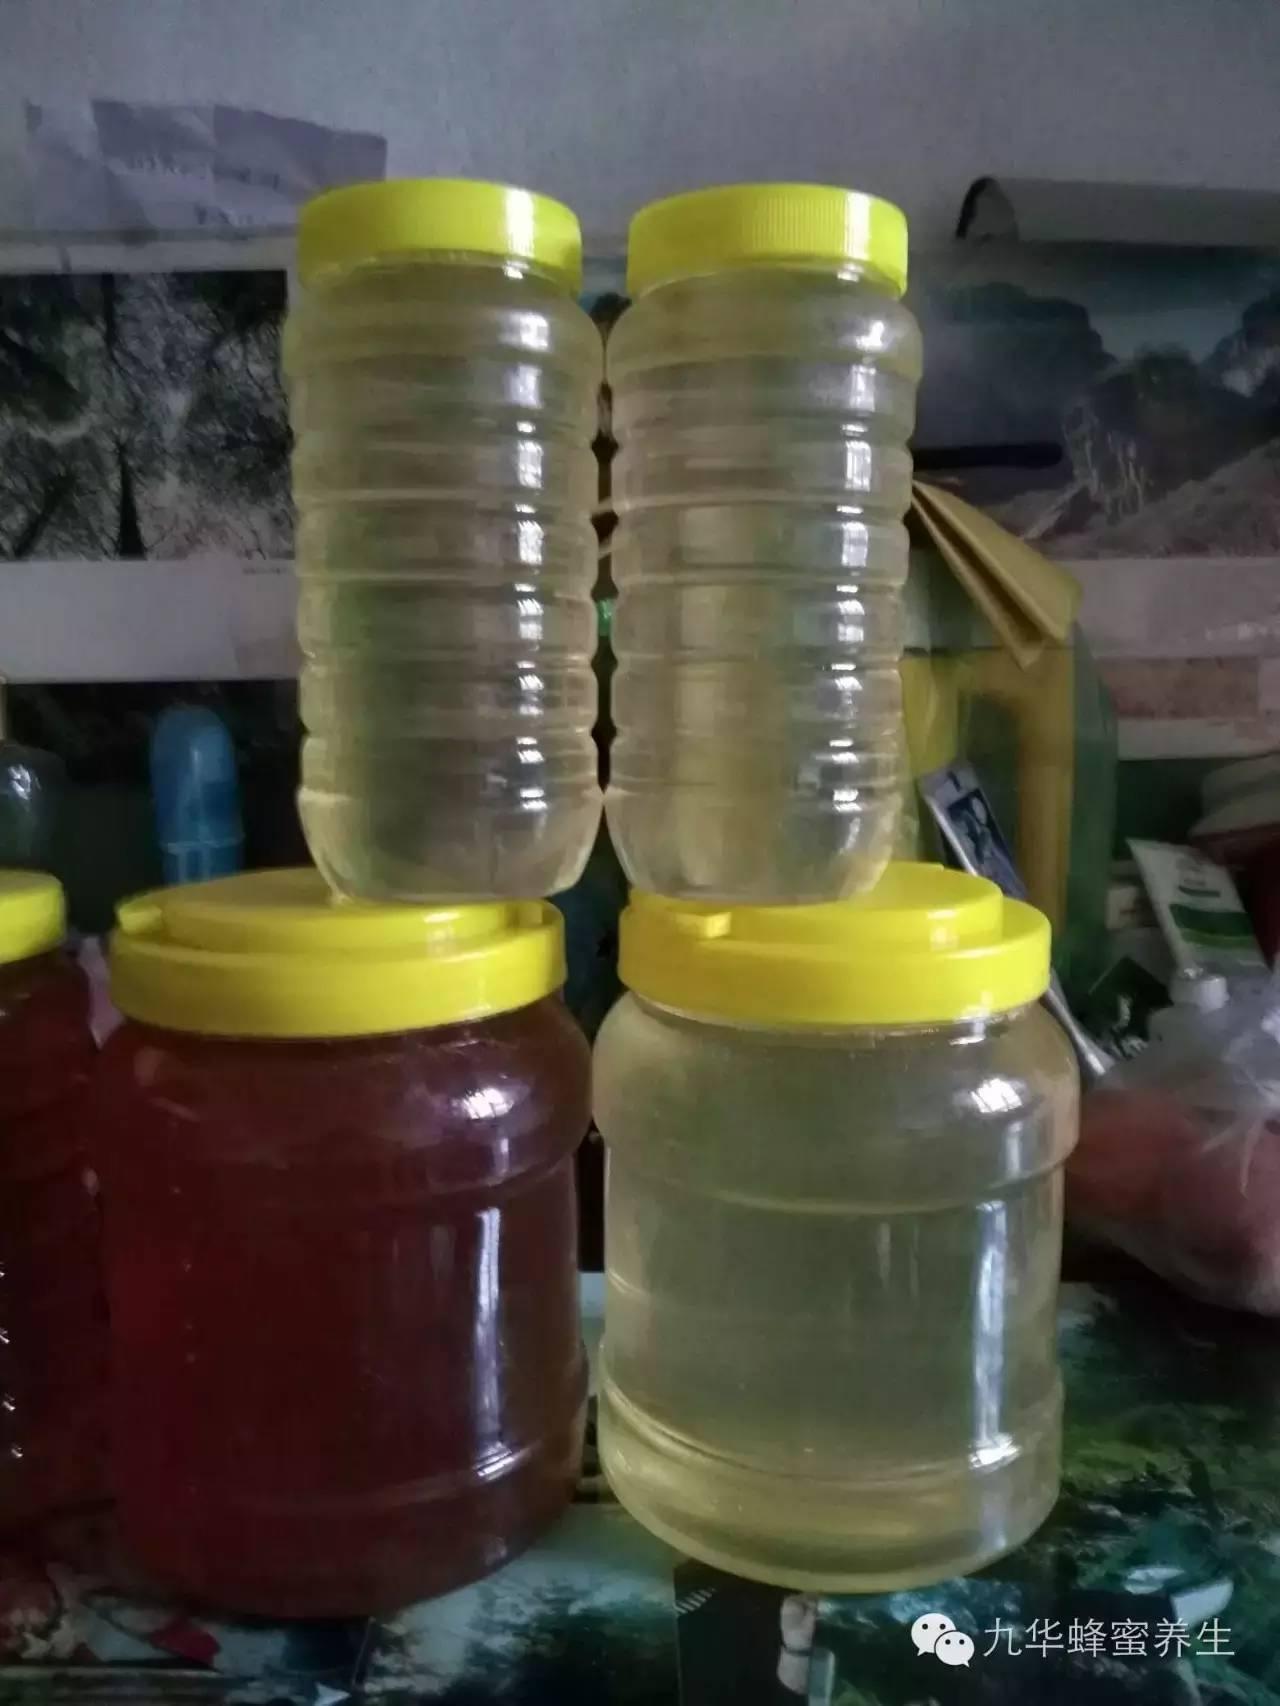 白醋洗脸 蜂蜜西红柿 蜂蜜柚子茶瘦身 蜂蜜美白面膜 枣花蜂蜜价格